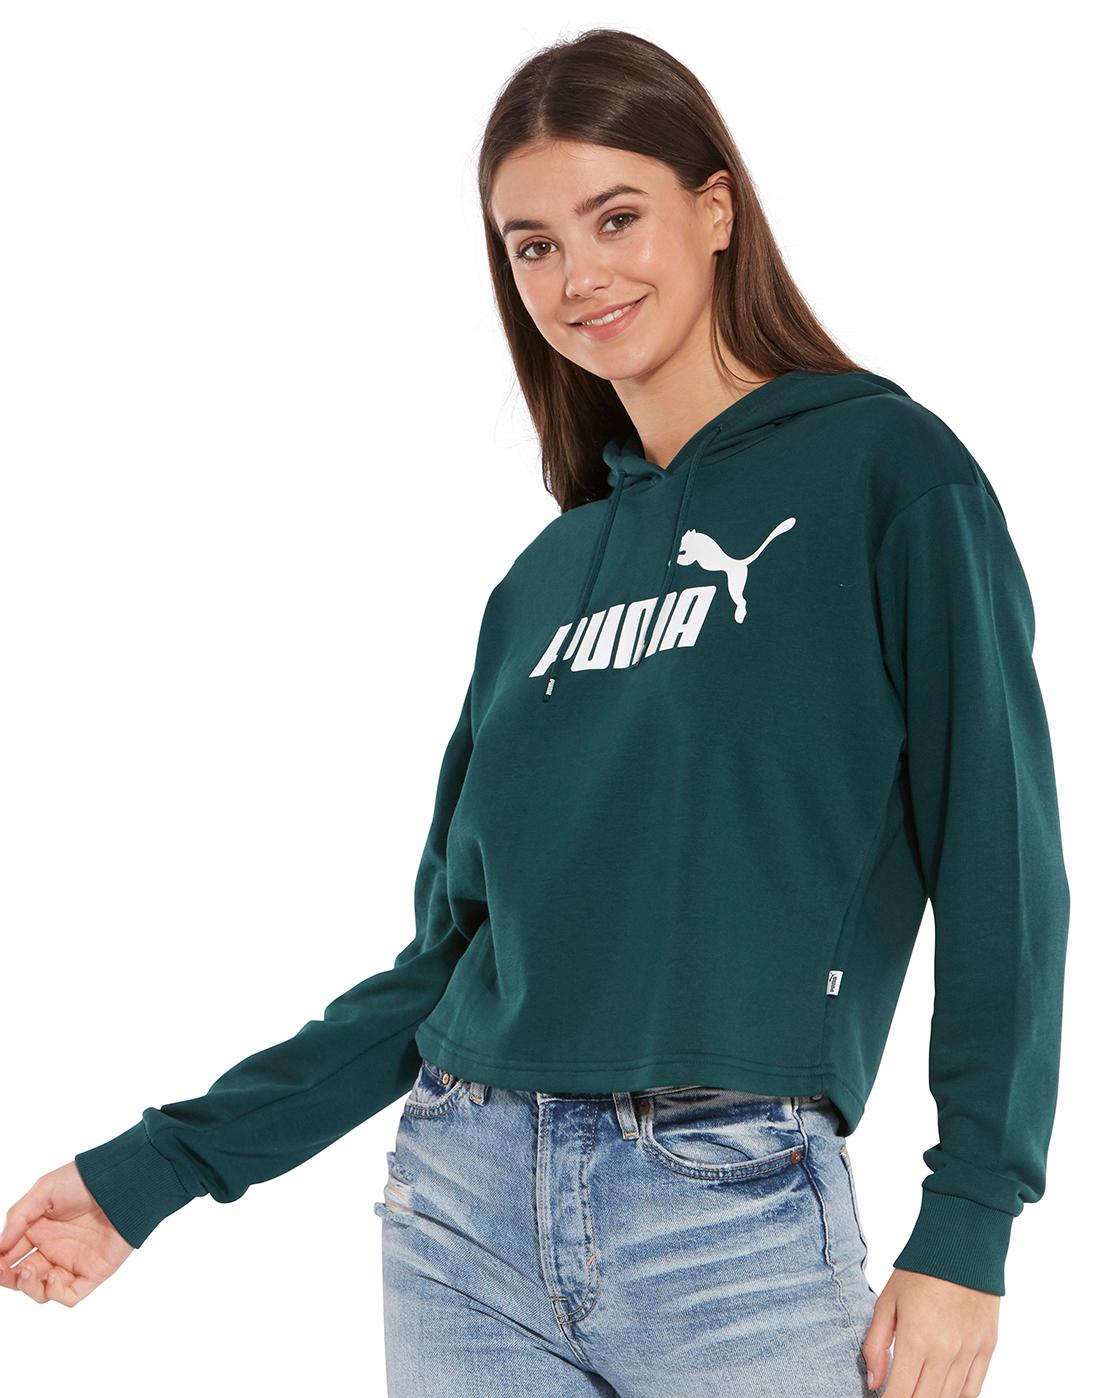 Hunter Green Peekaboo Crop Hoodie High Low Sweatshirt ...  Green Cropped Hoodie